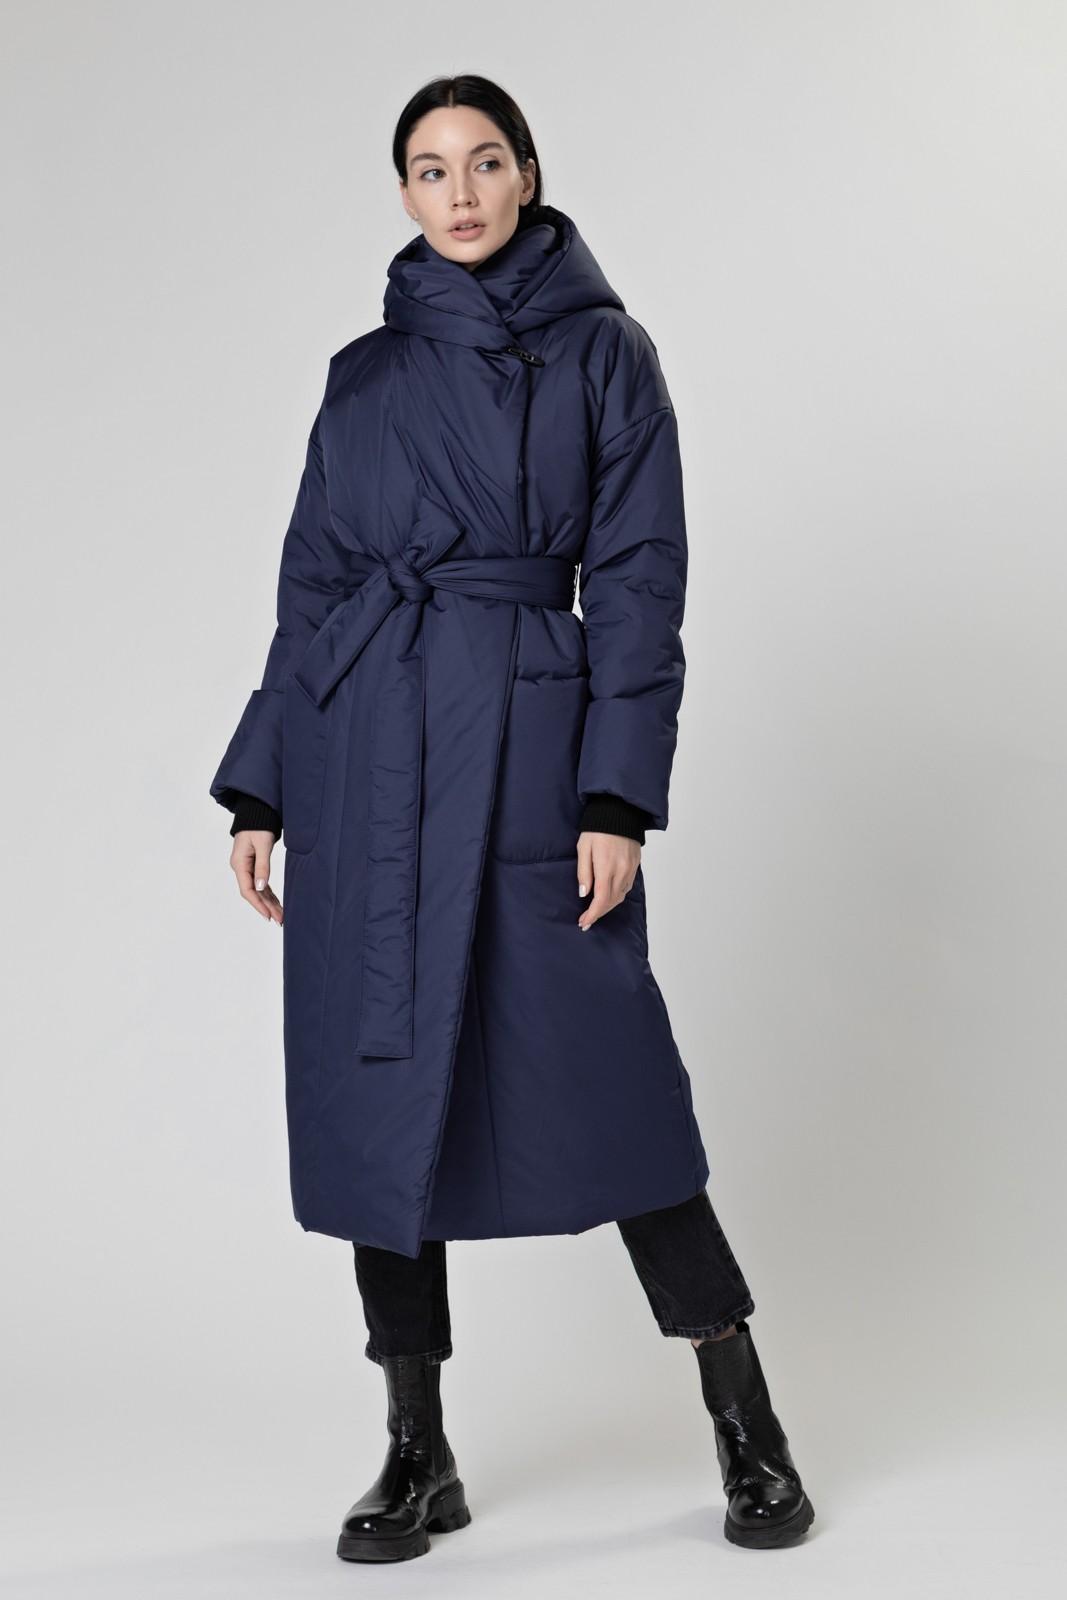 Пуховик-одеяло c капюшоном Dark Blue